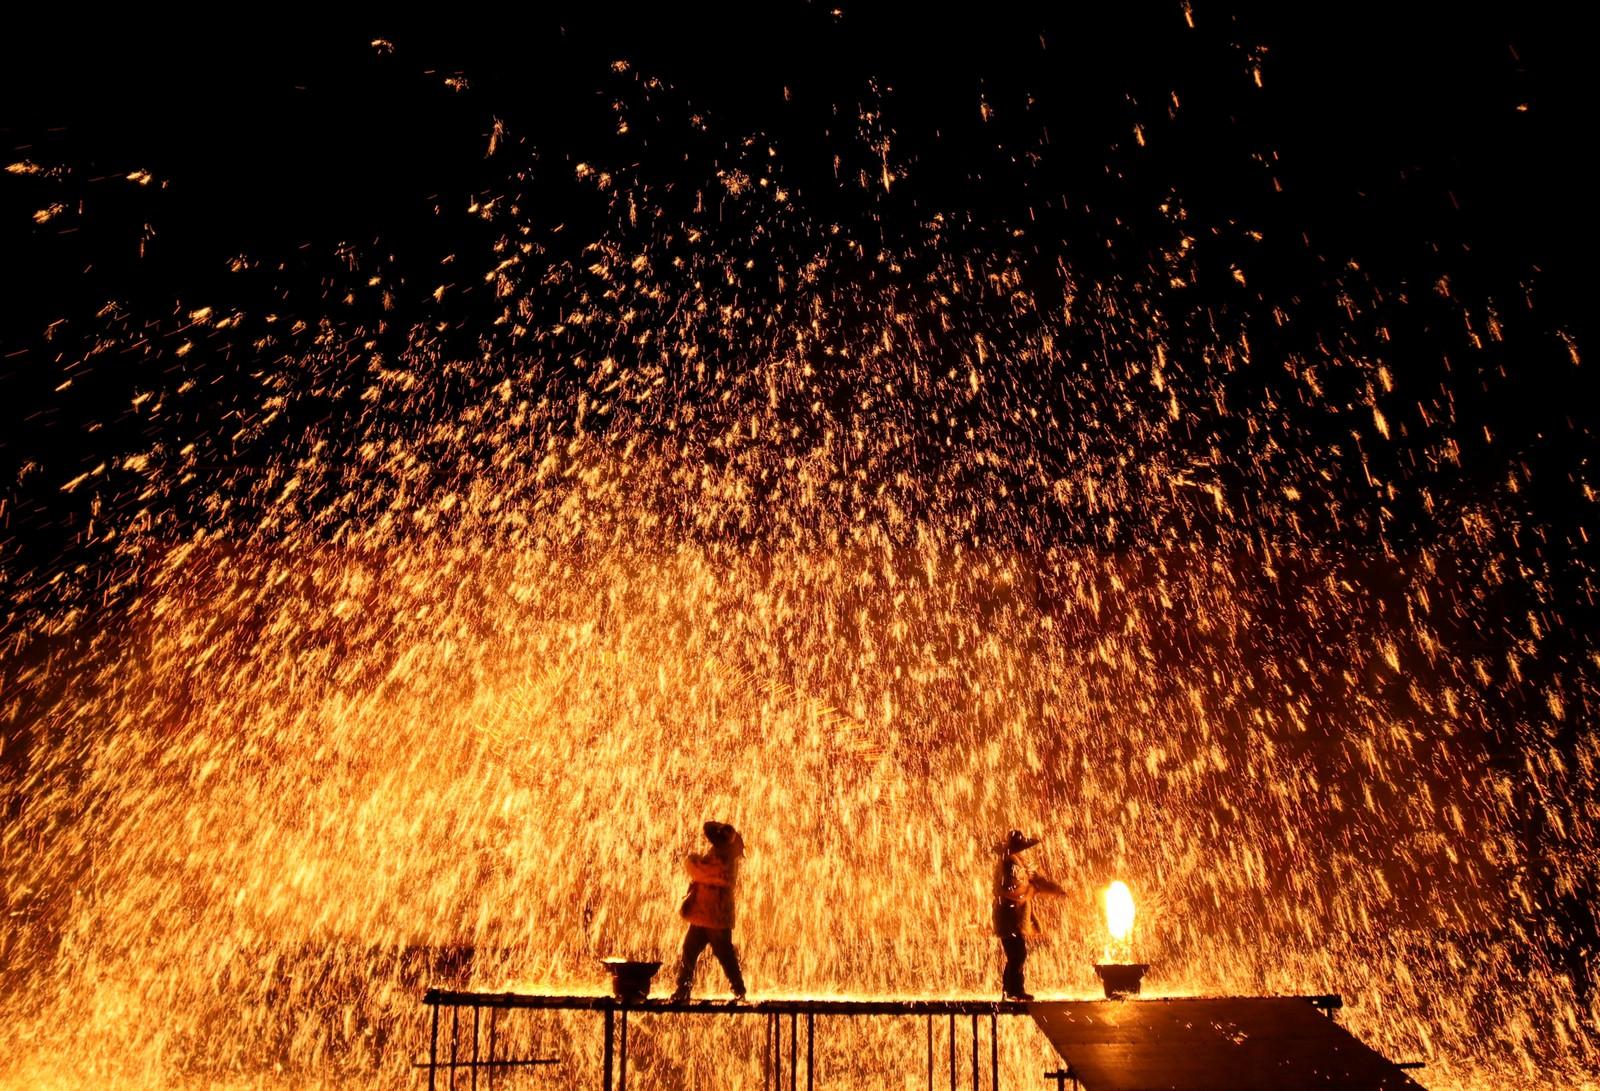 Drager og ild hører sammen. På dragebåtfestivalen i Hebei-provinsen i Kina ble smelta jern brukt i en performance denne uka.